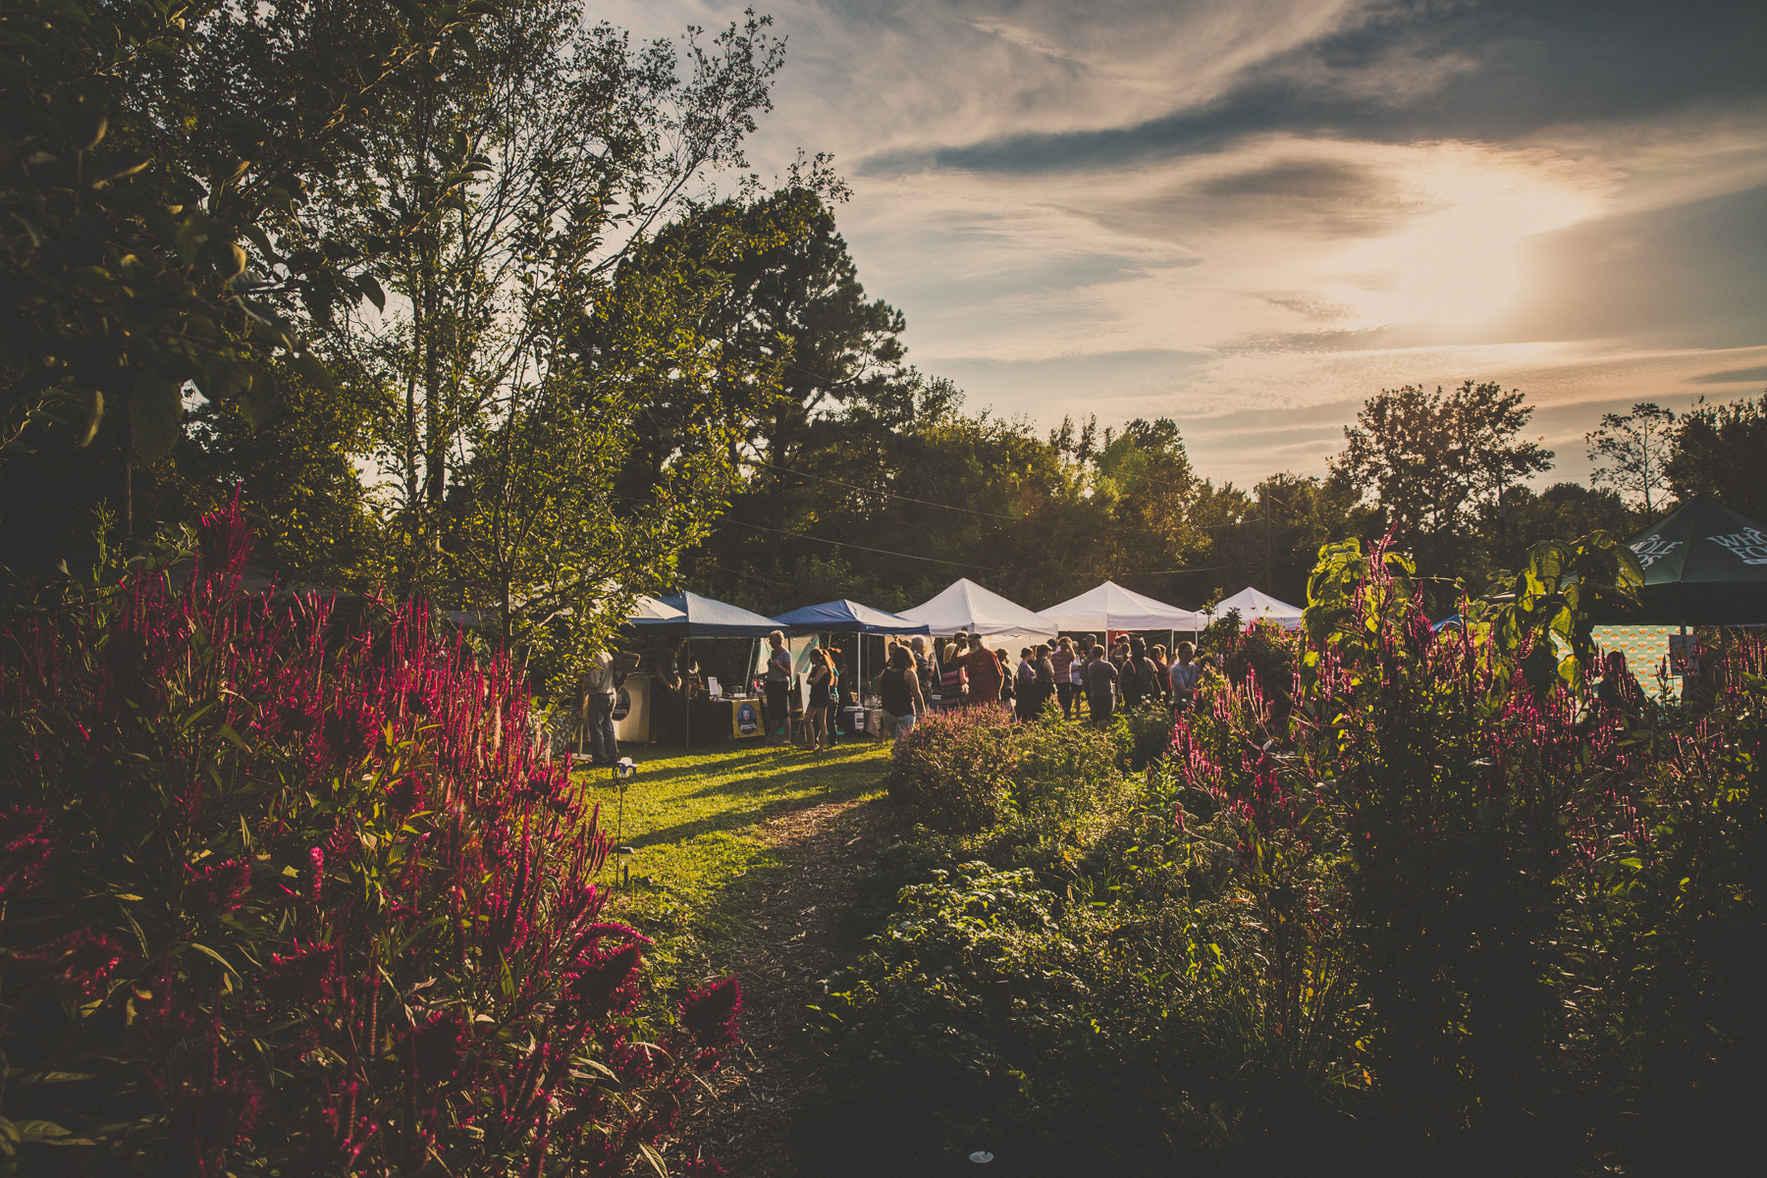 Tri Cycle Farms' 8th Annual Pesto Fest & Pesto Contest image